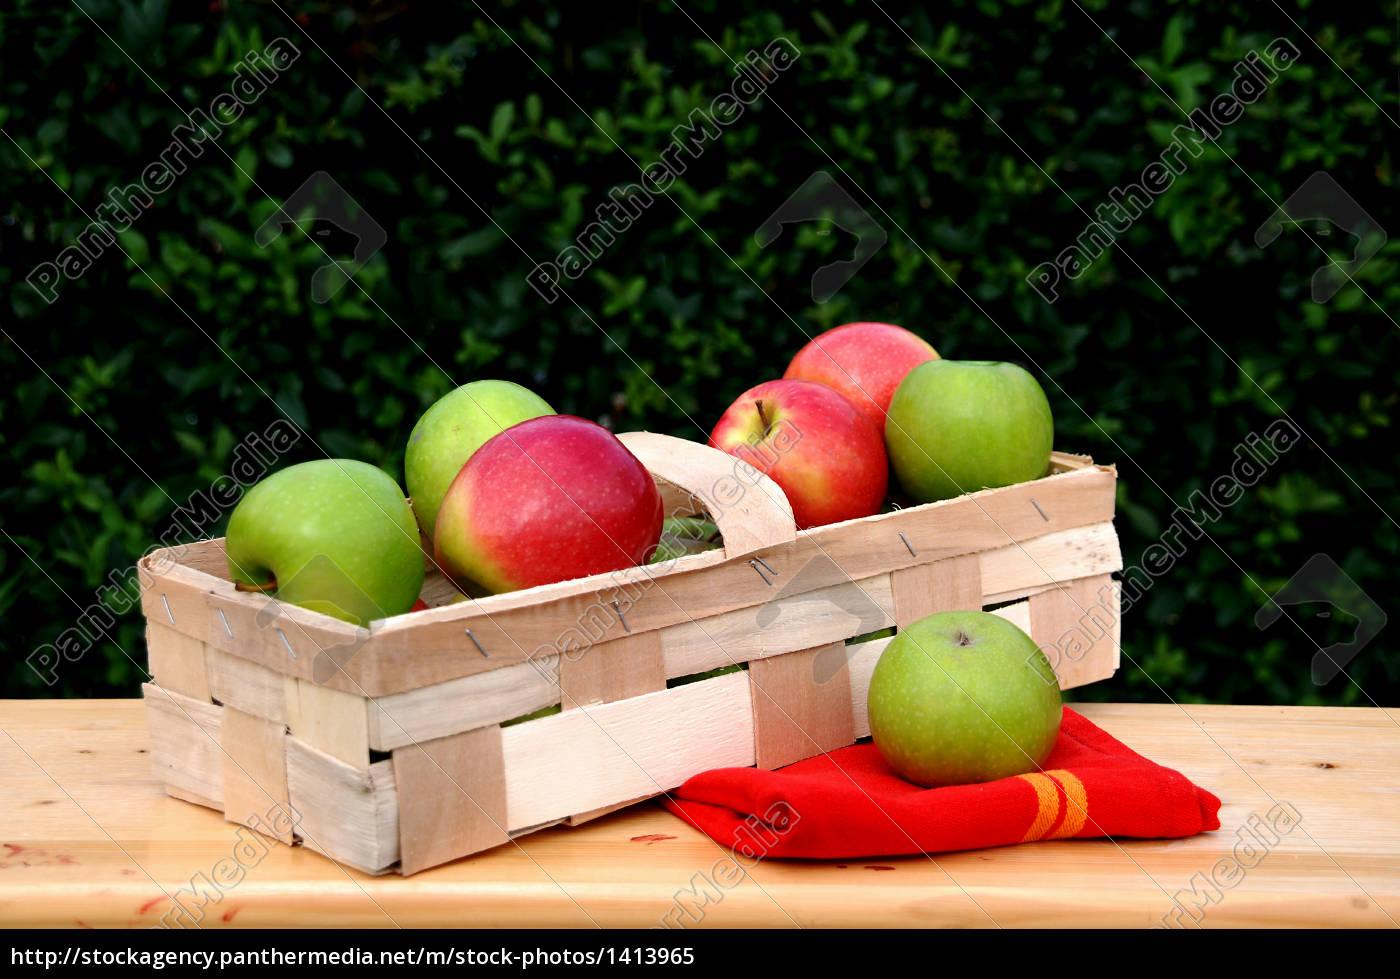 apple, harvest - 1413965